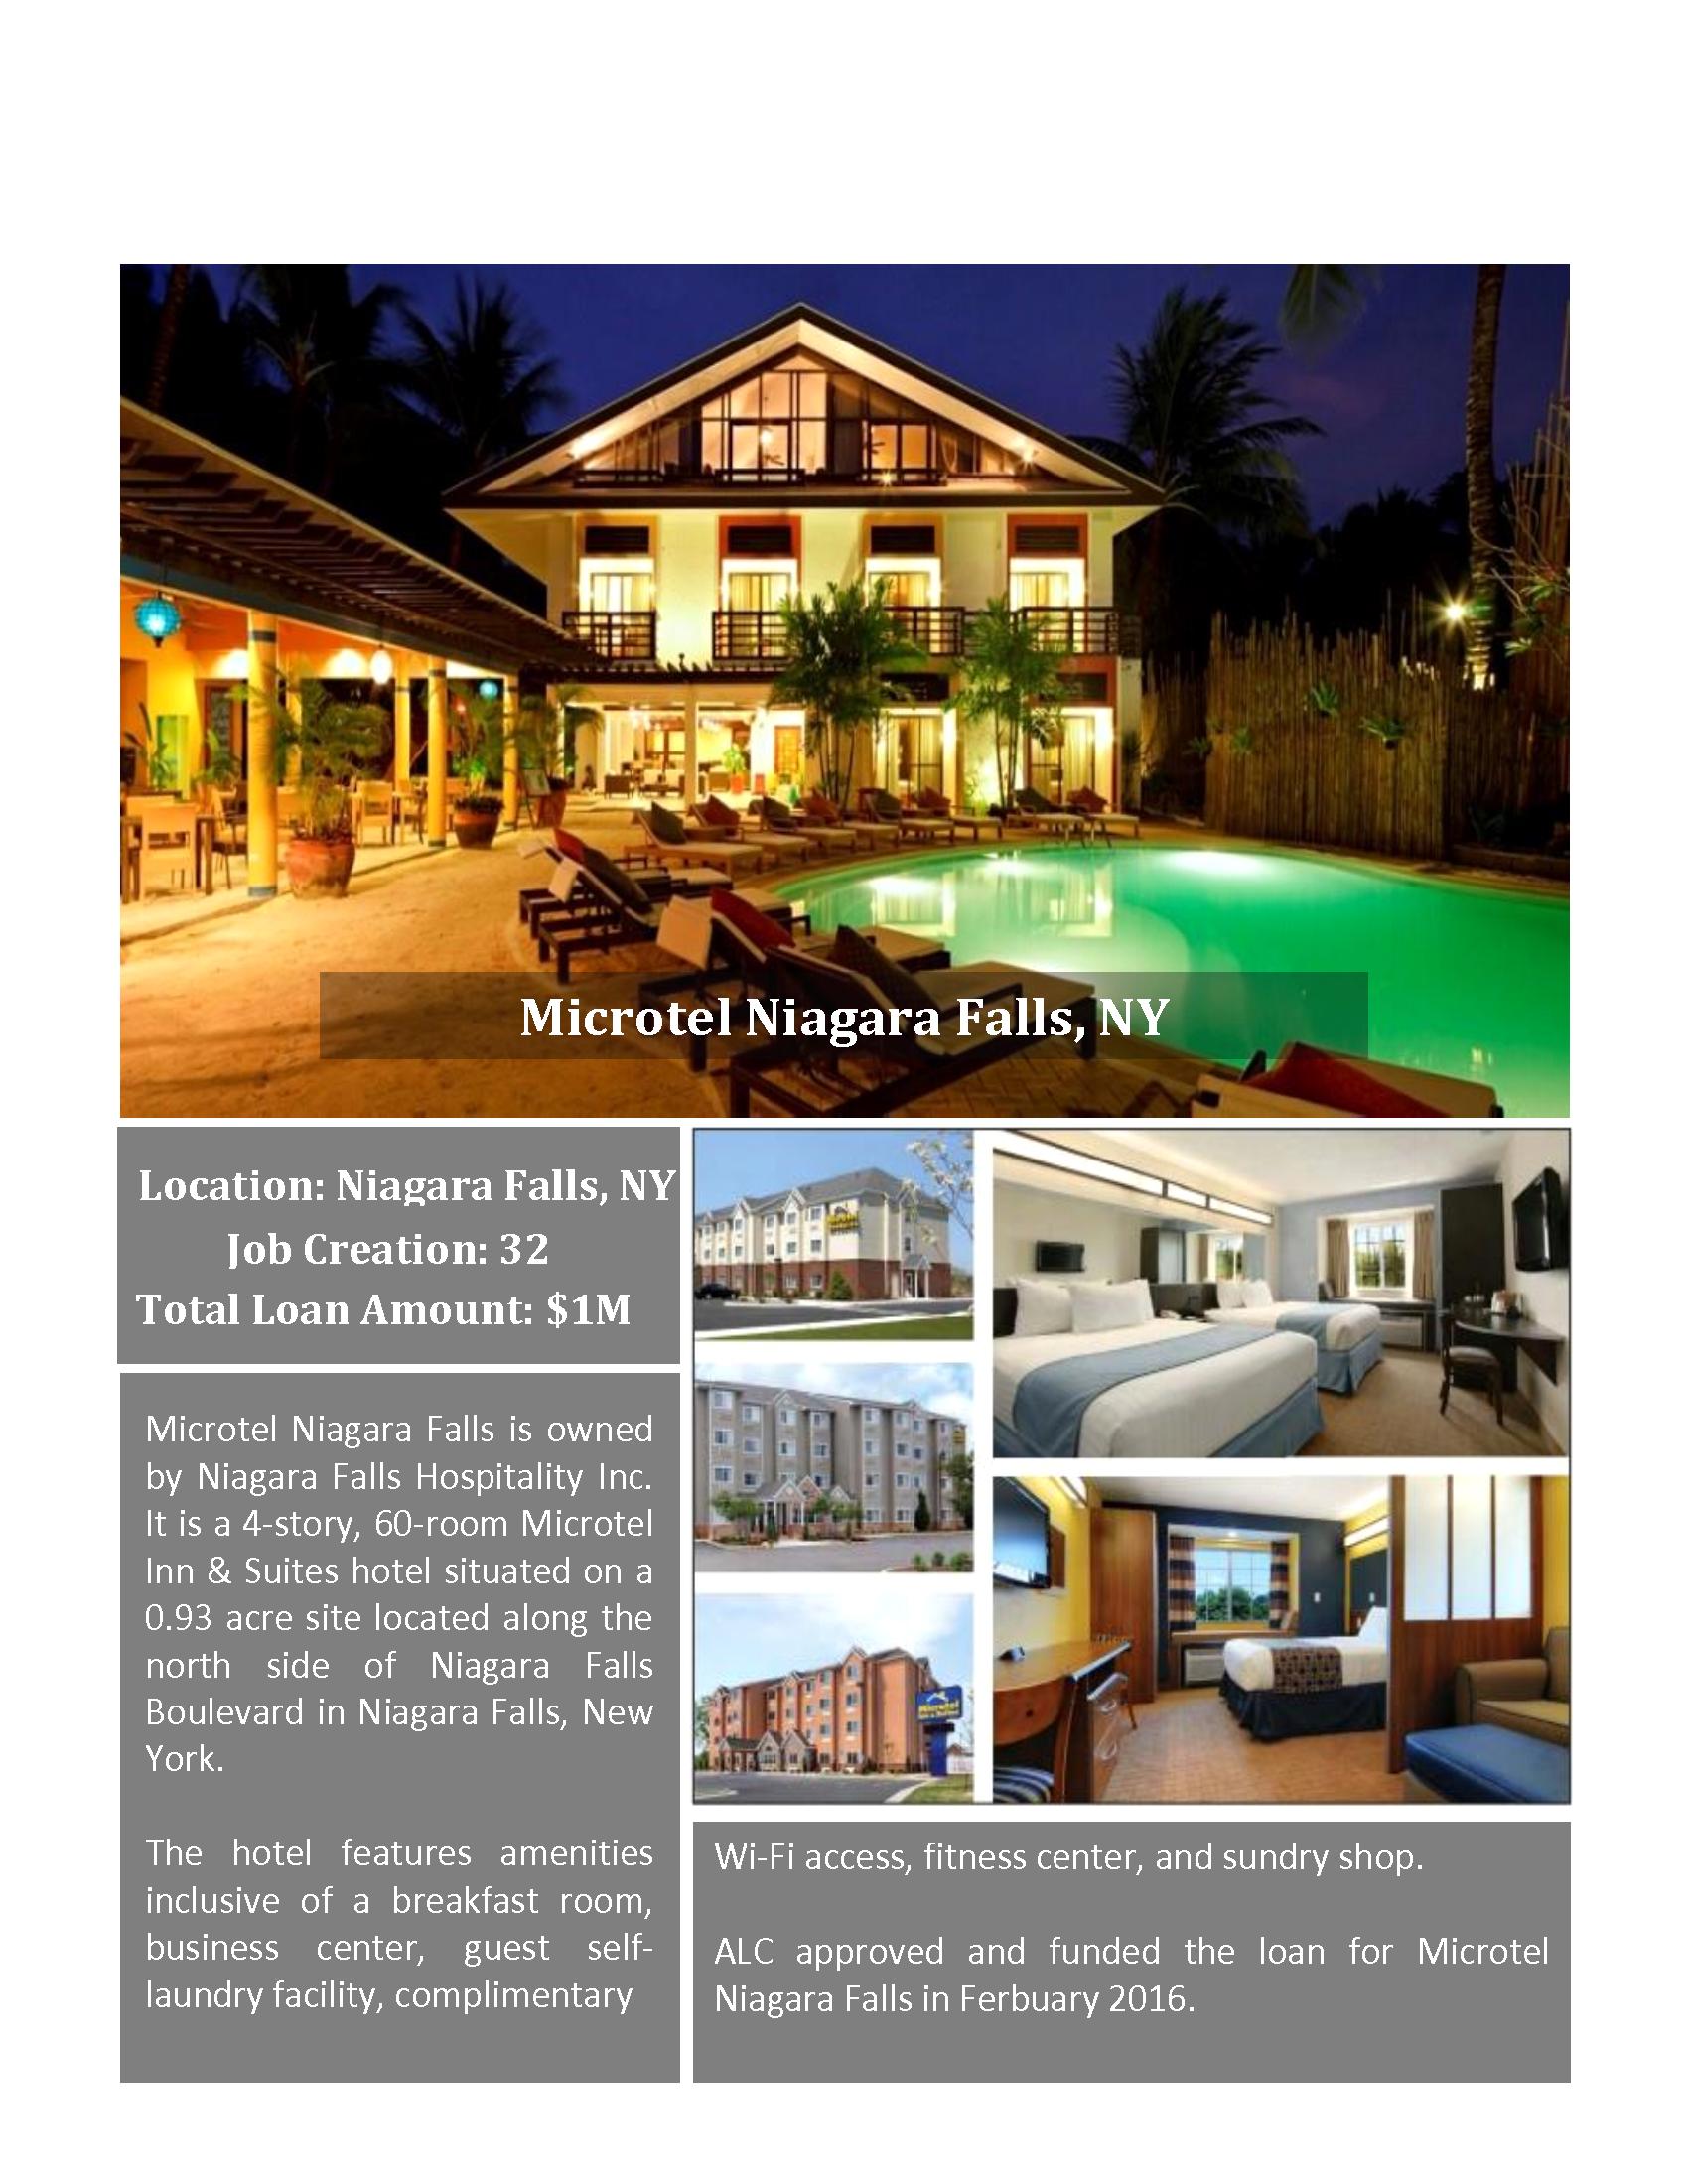 Microtel Hotel Niagara Fall